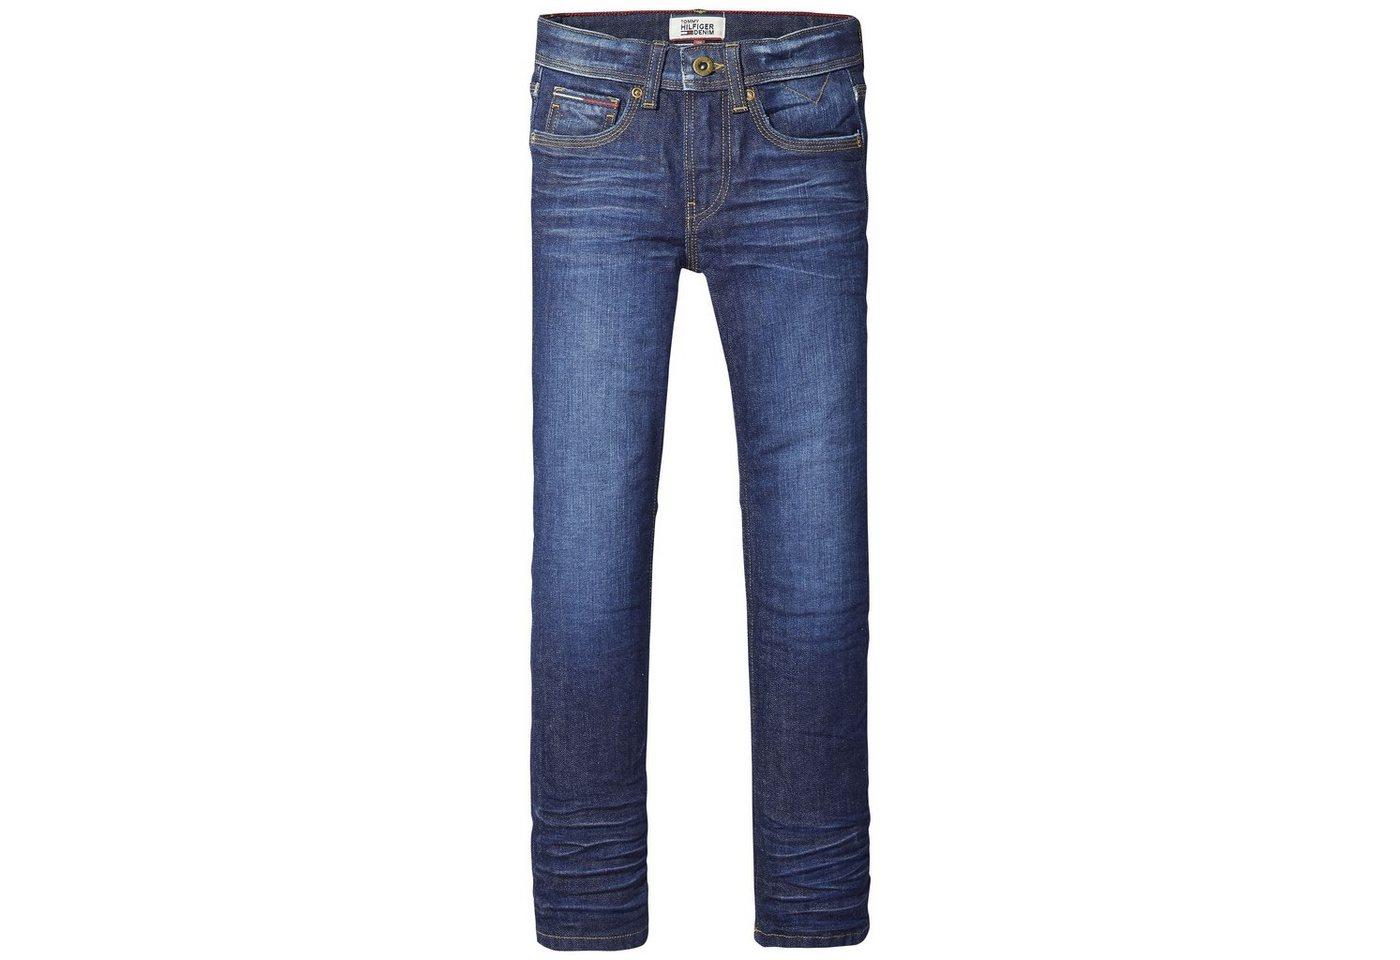 tommy hilfiger clyde jeans preisvergleich. Black Bedroom Furniture Sets. Home Design Ideas